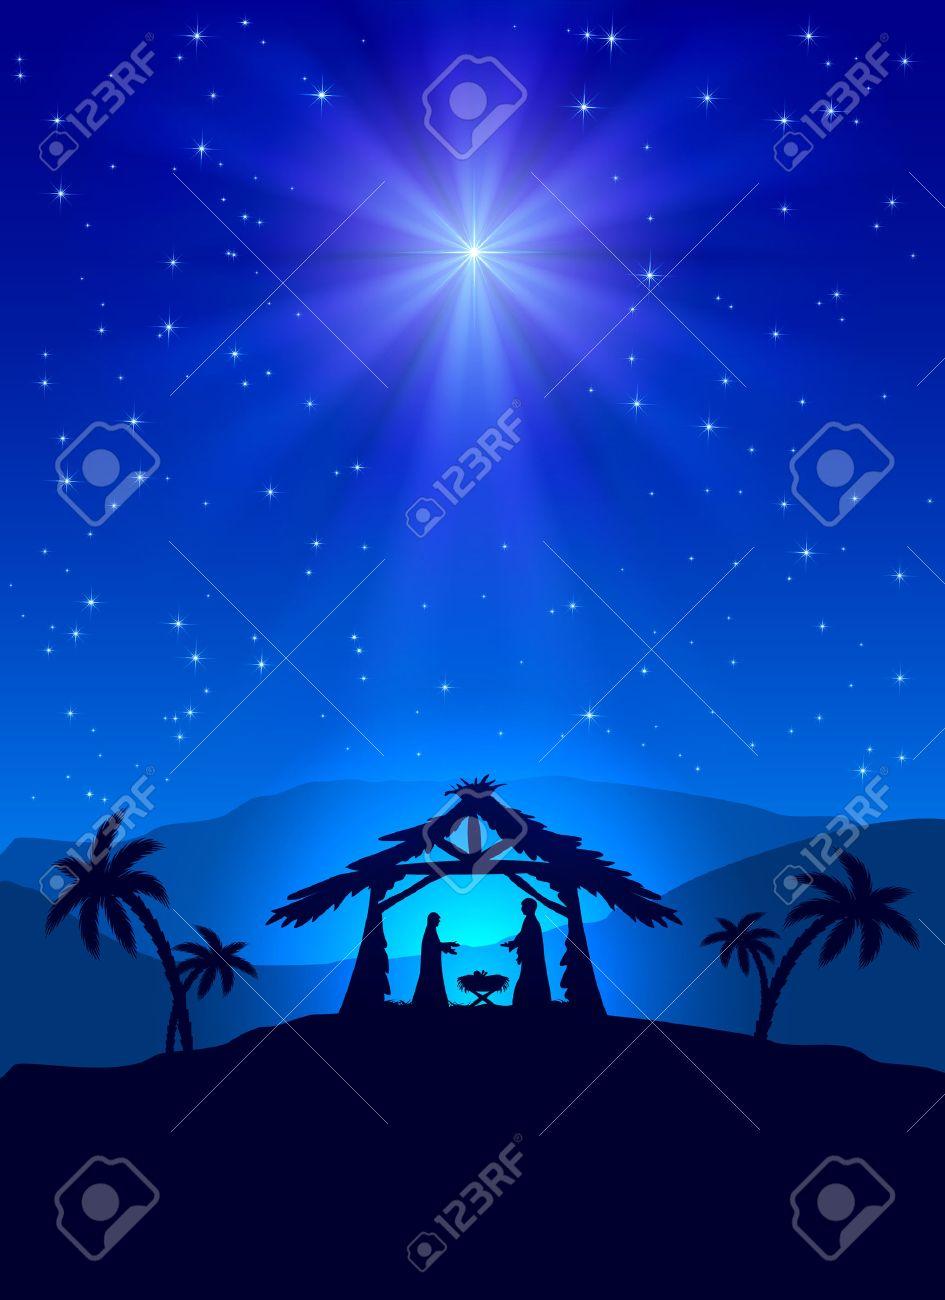 Foto Notte Di Natale.Christian Notte Di Natale Con La Stella Splendente E Gesu Illustrazione